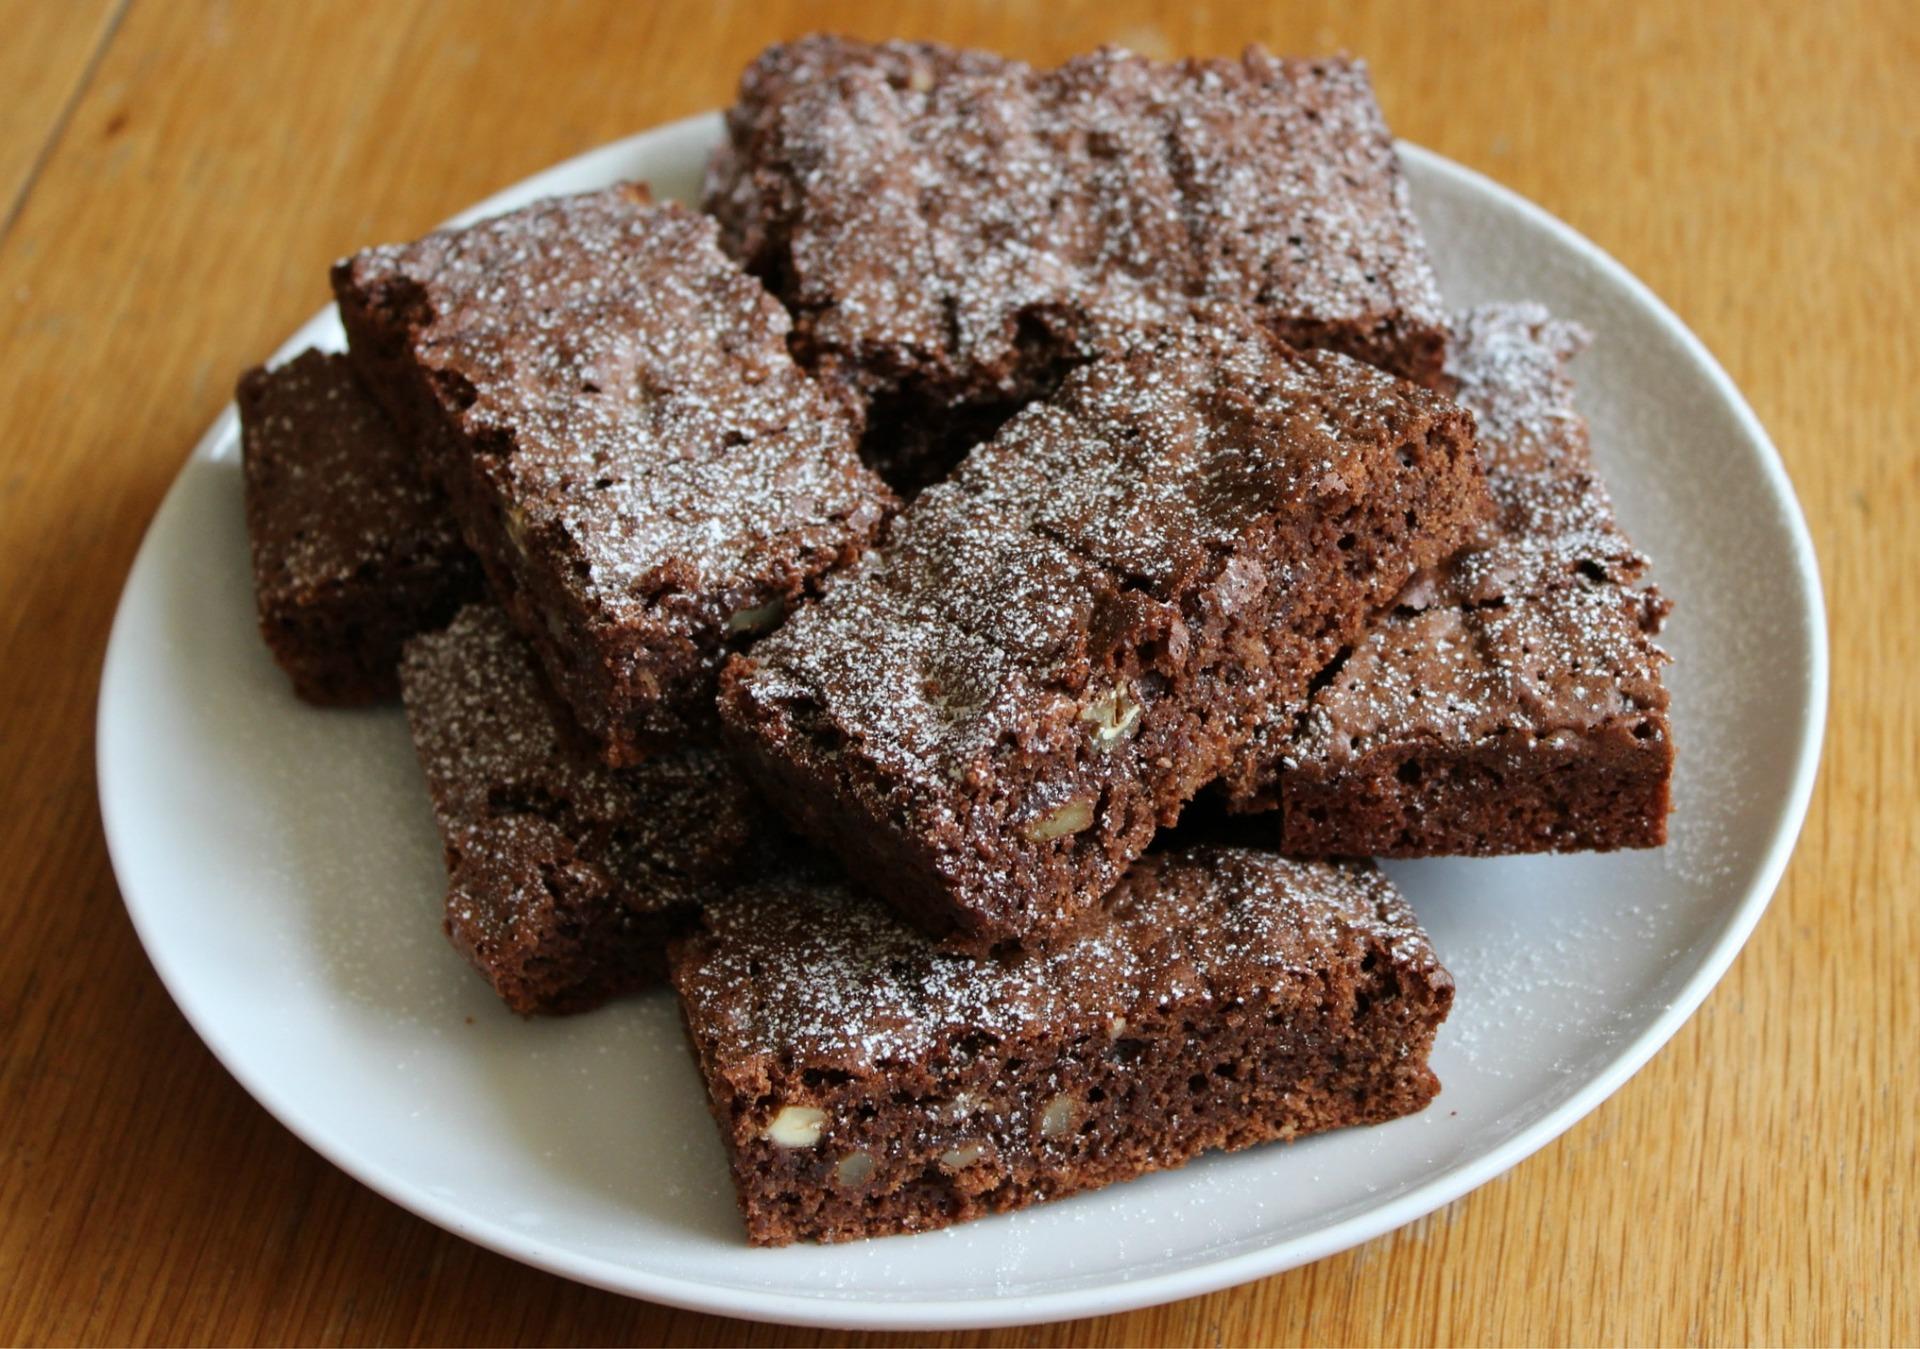 chocolate-brownies-668624_1920.jpg